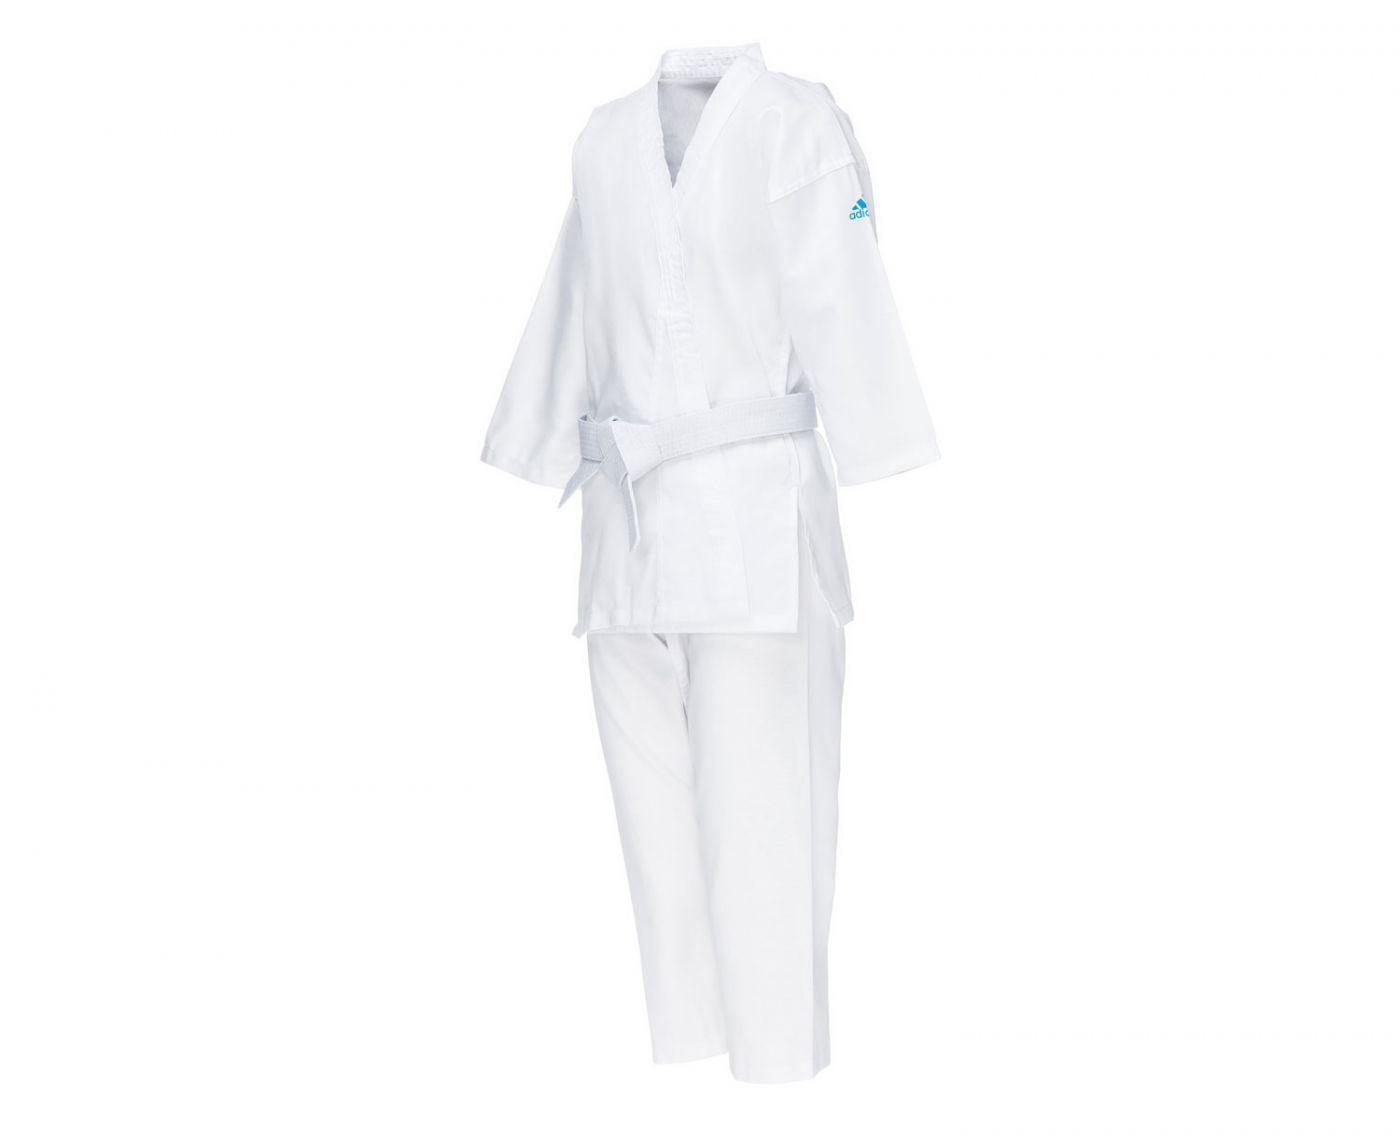 Кимоно для карате Adidas подростковое с поясом adiStart белое с голубым логотипом, размер 120 см, артикул K181K